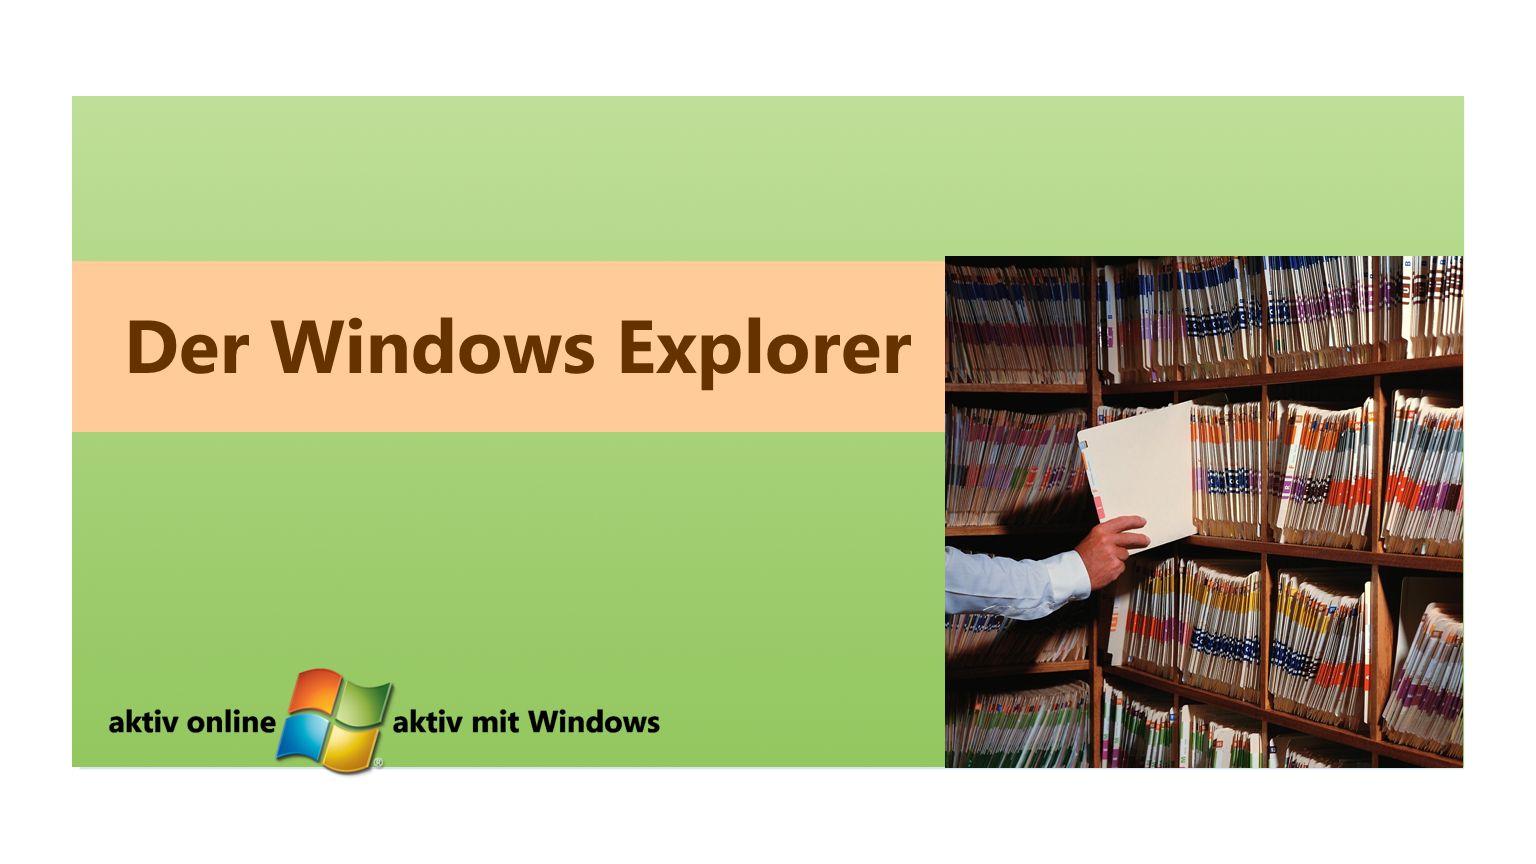 Der Windows Explorer